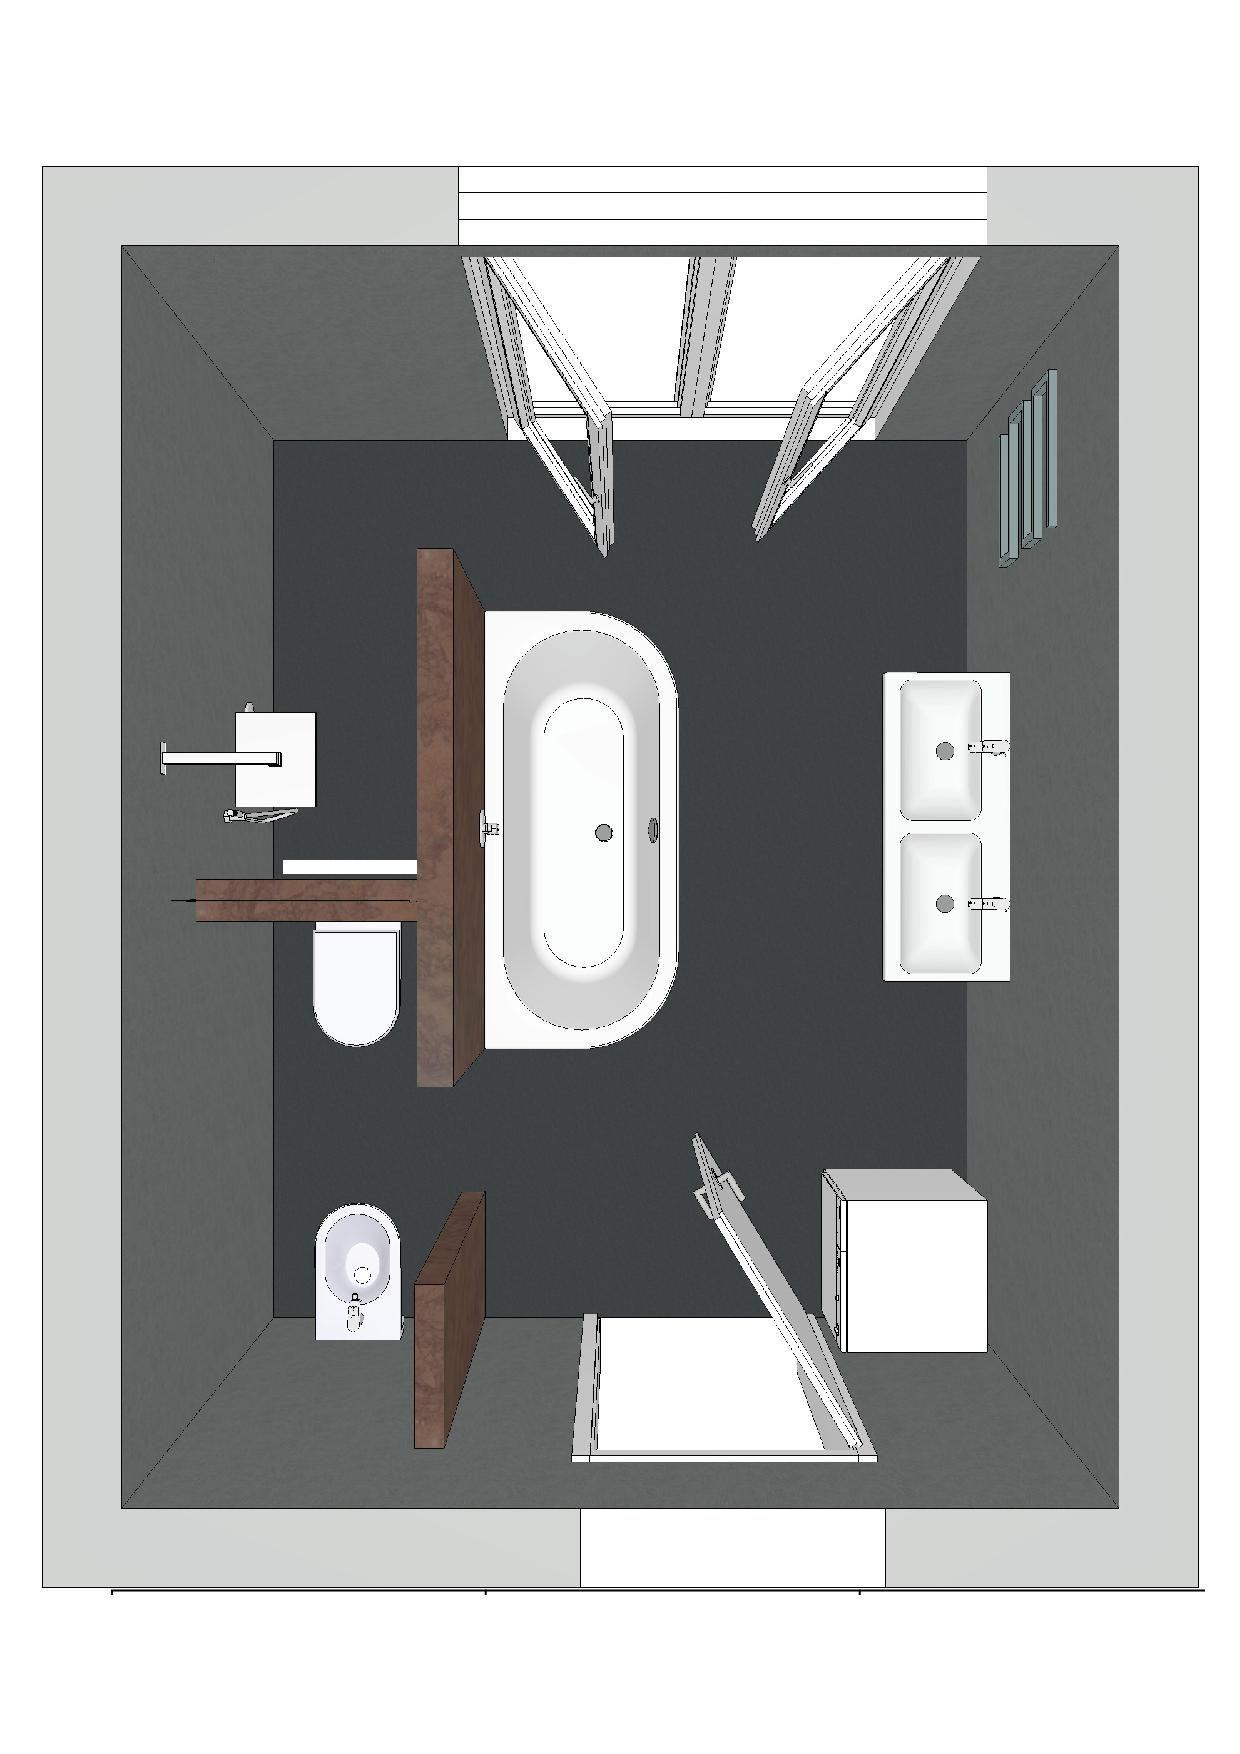 ein Badezimmer mit einer Badewanne die auf drei seiten freisteht  Badezimmer  Badezimmer Bad